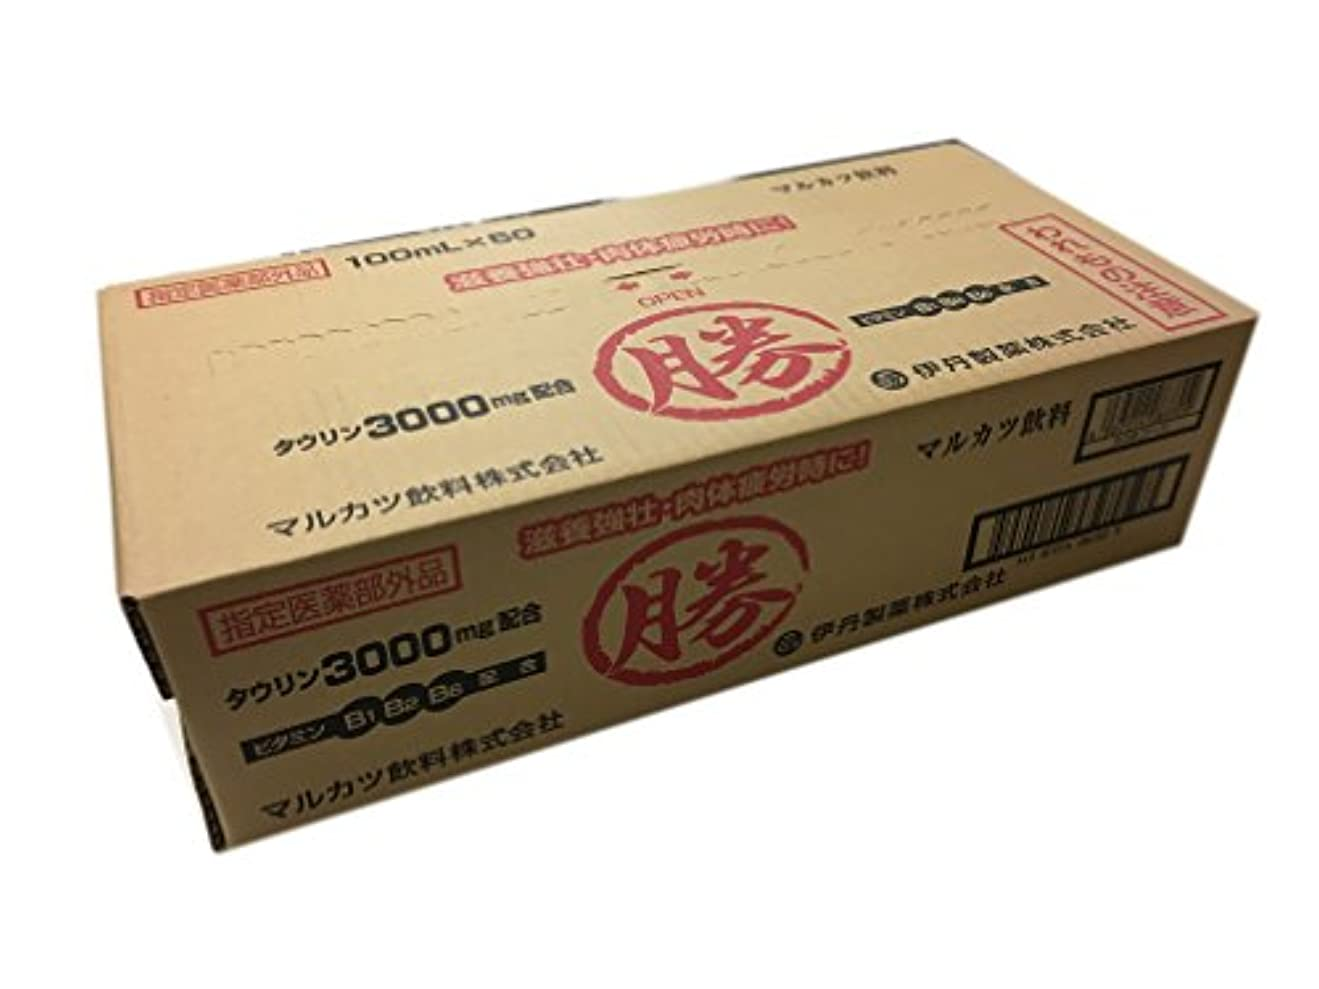 ワークショップ確認する出口【ケース販売】マルカツ飲料 バイタルミン3000 100ml×50本(指定医薬部外品)